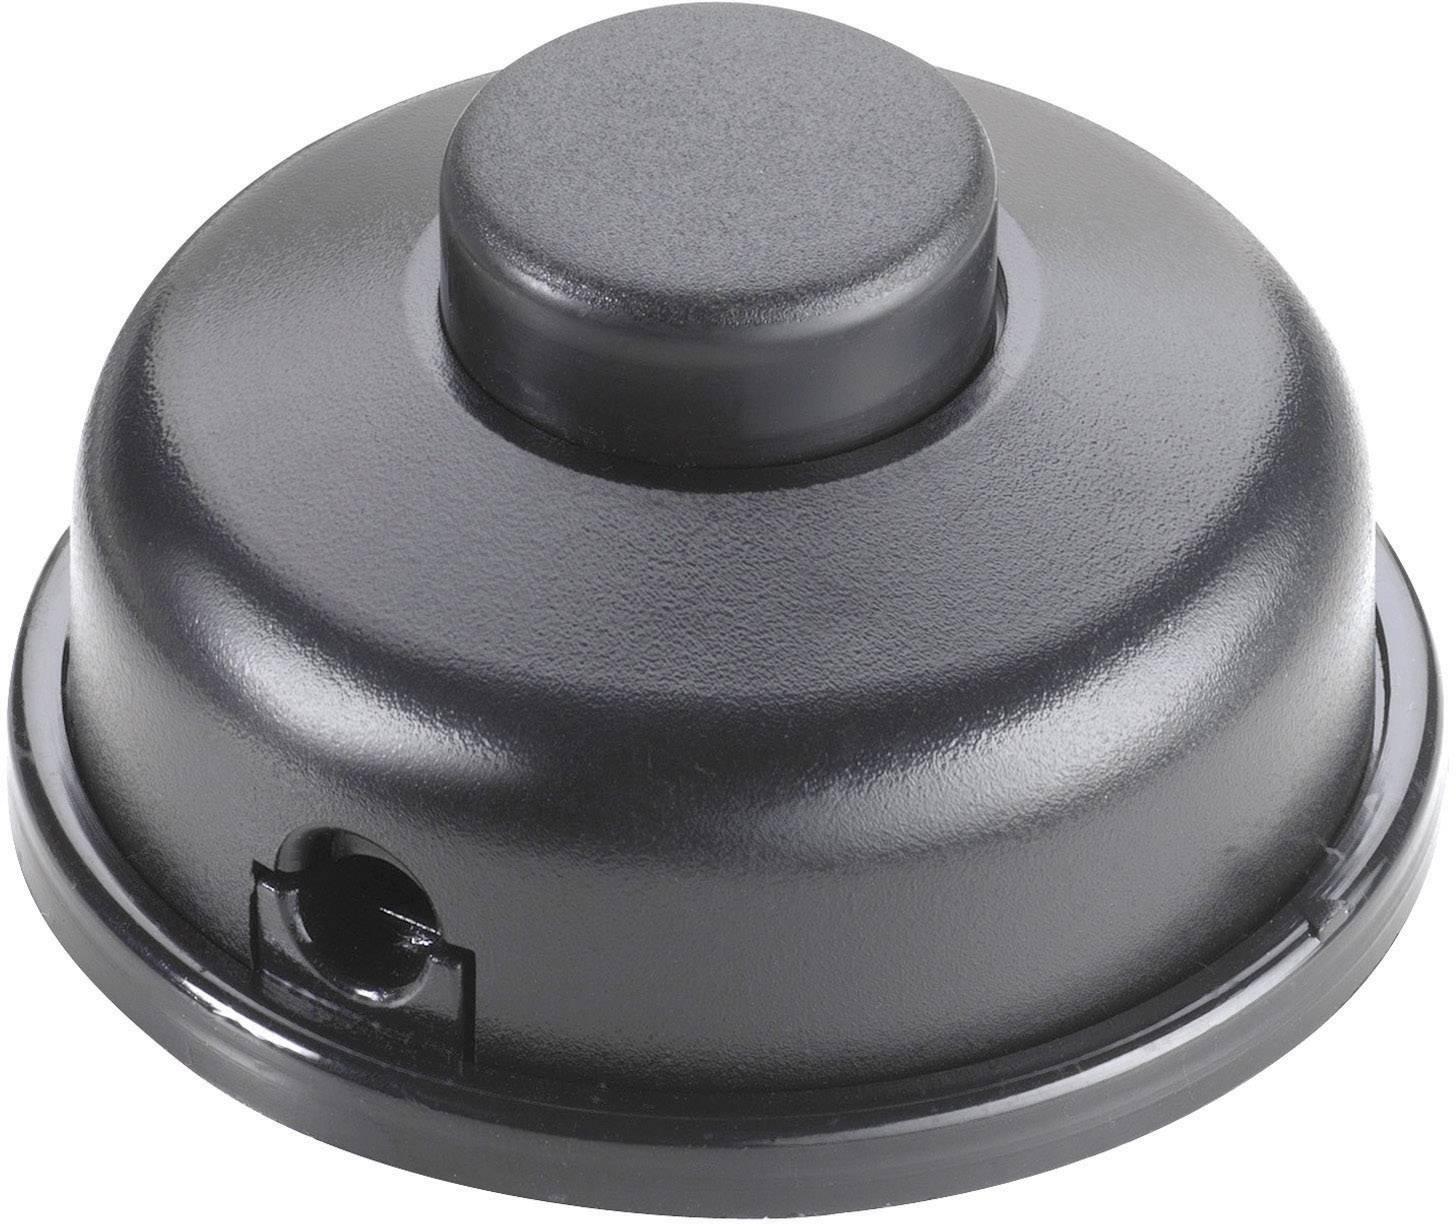 InterBär 6 A, čierna, 1 ks